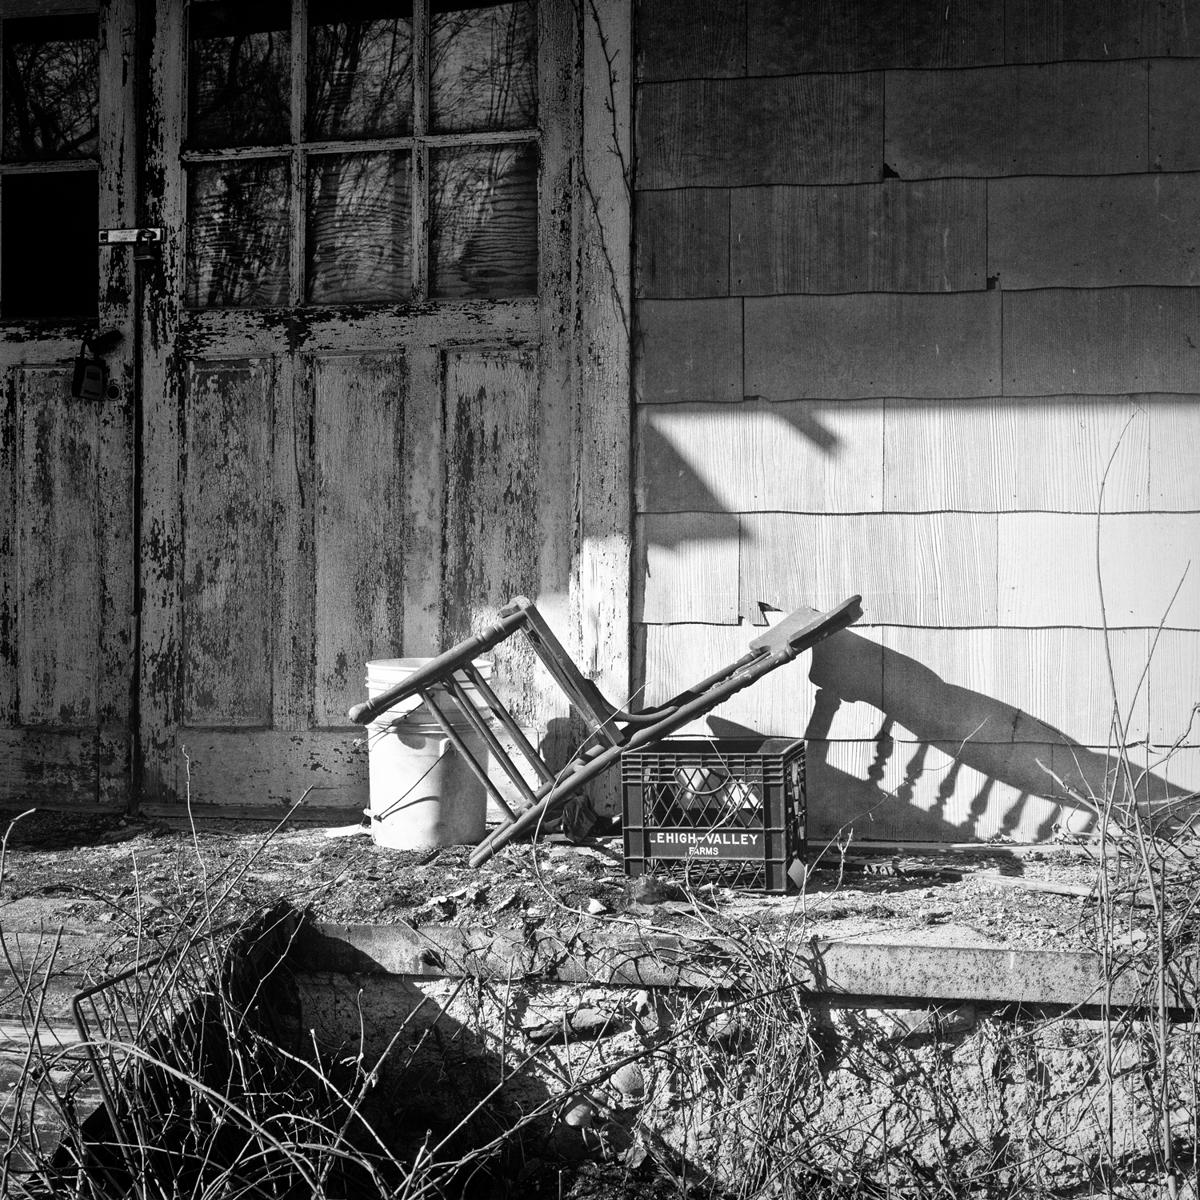 Barn, Wallkill, NY #1 (large view)